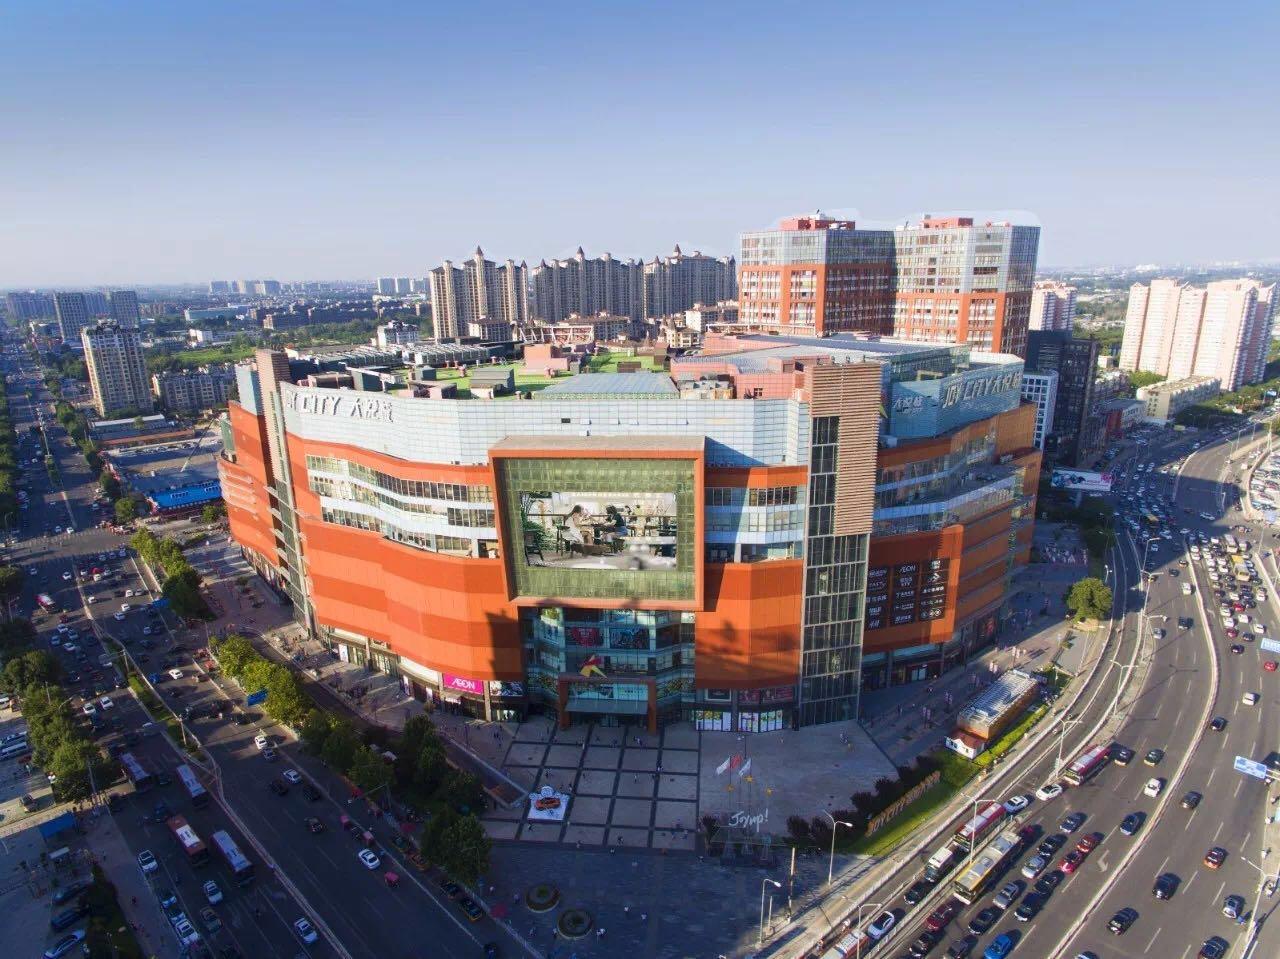 《华丽志》独家专访北京朝阳大悦城总经理:Shopping Mall也可以是设计师品牌孵化器